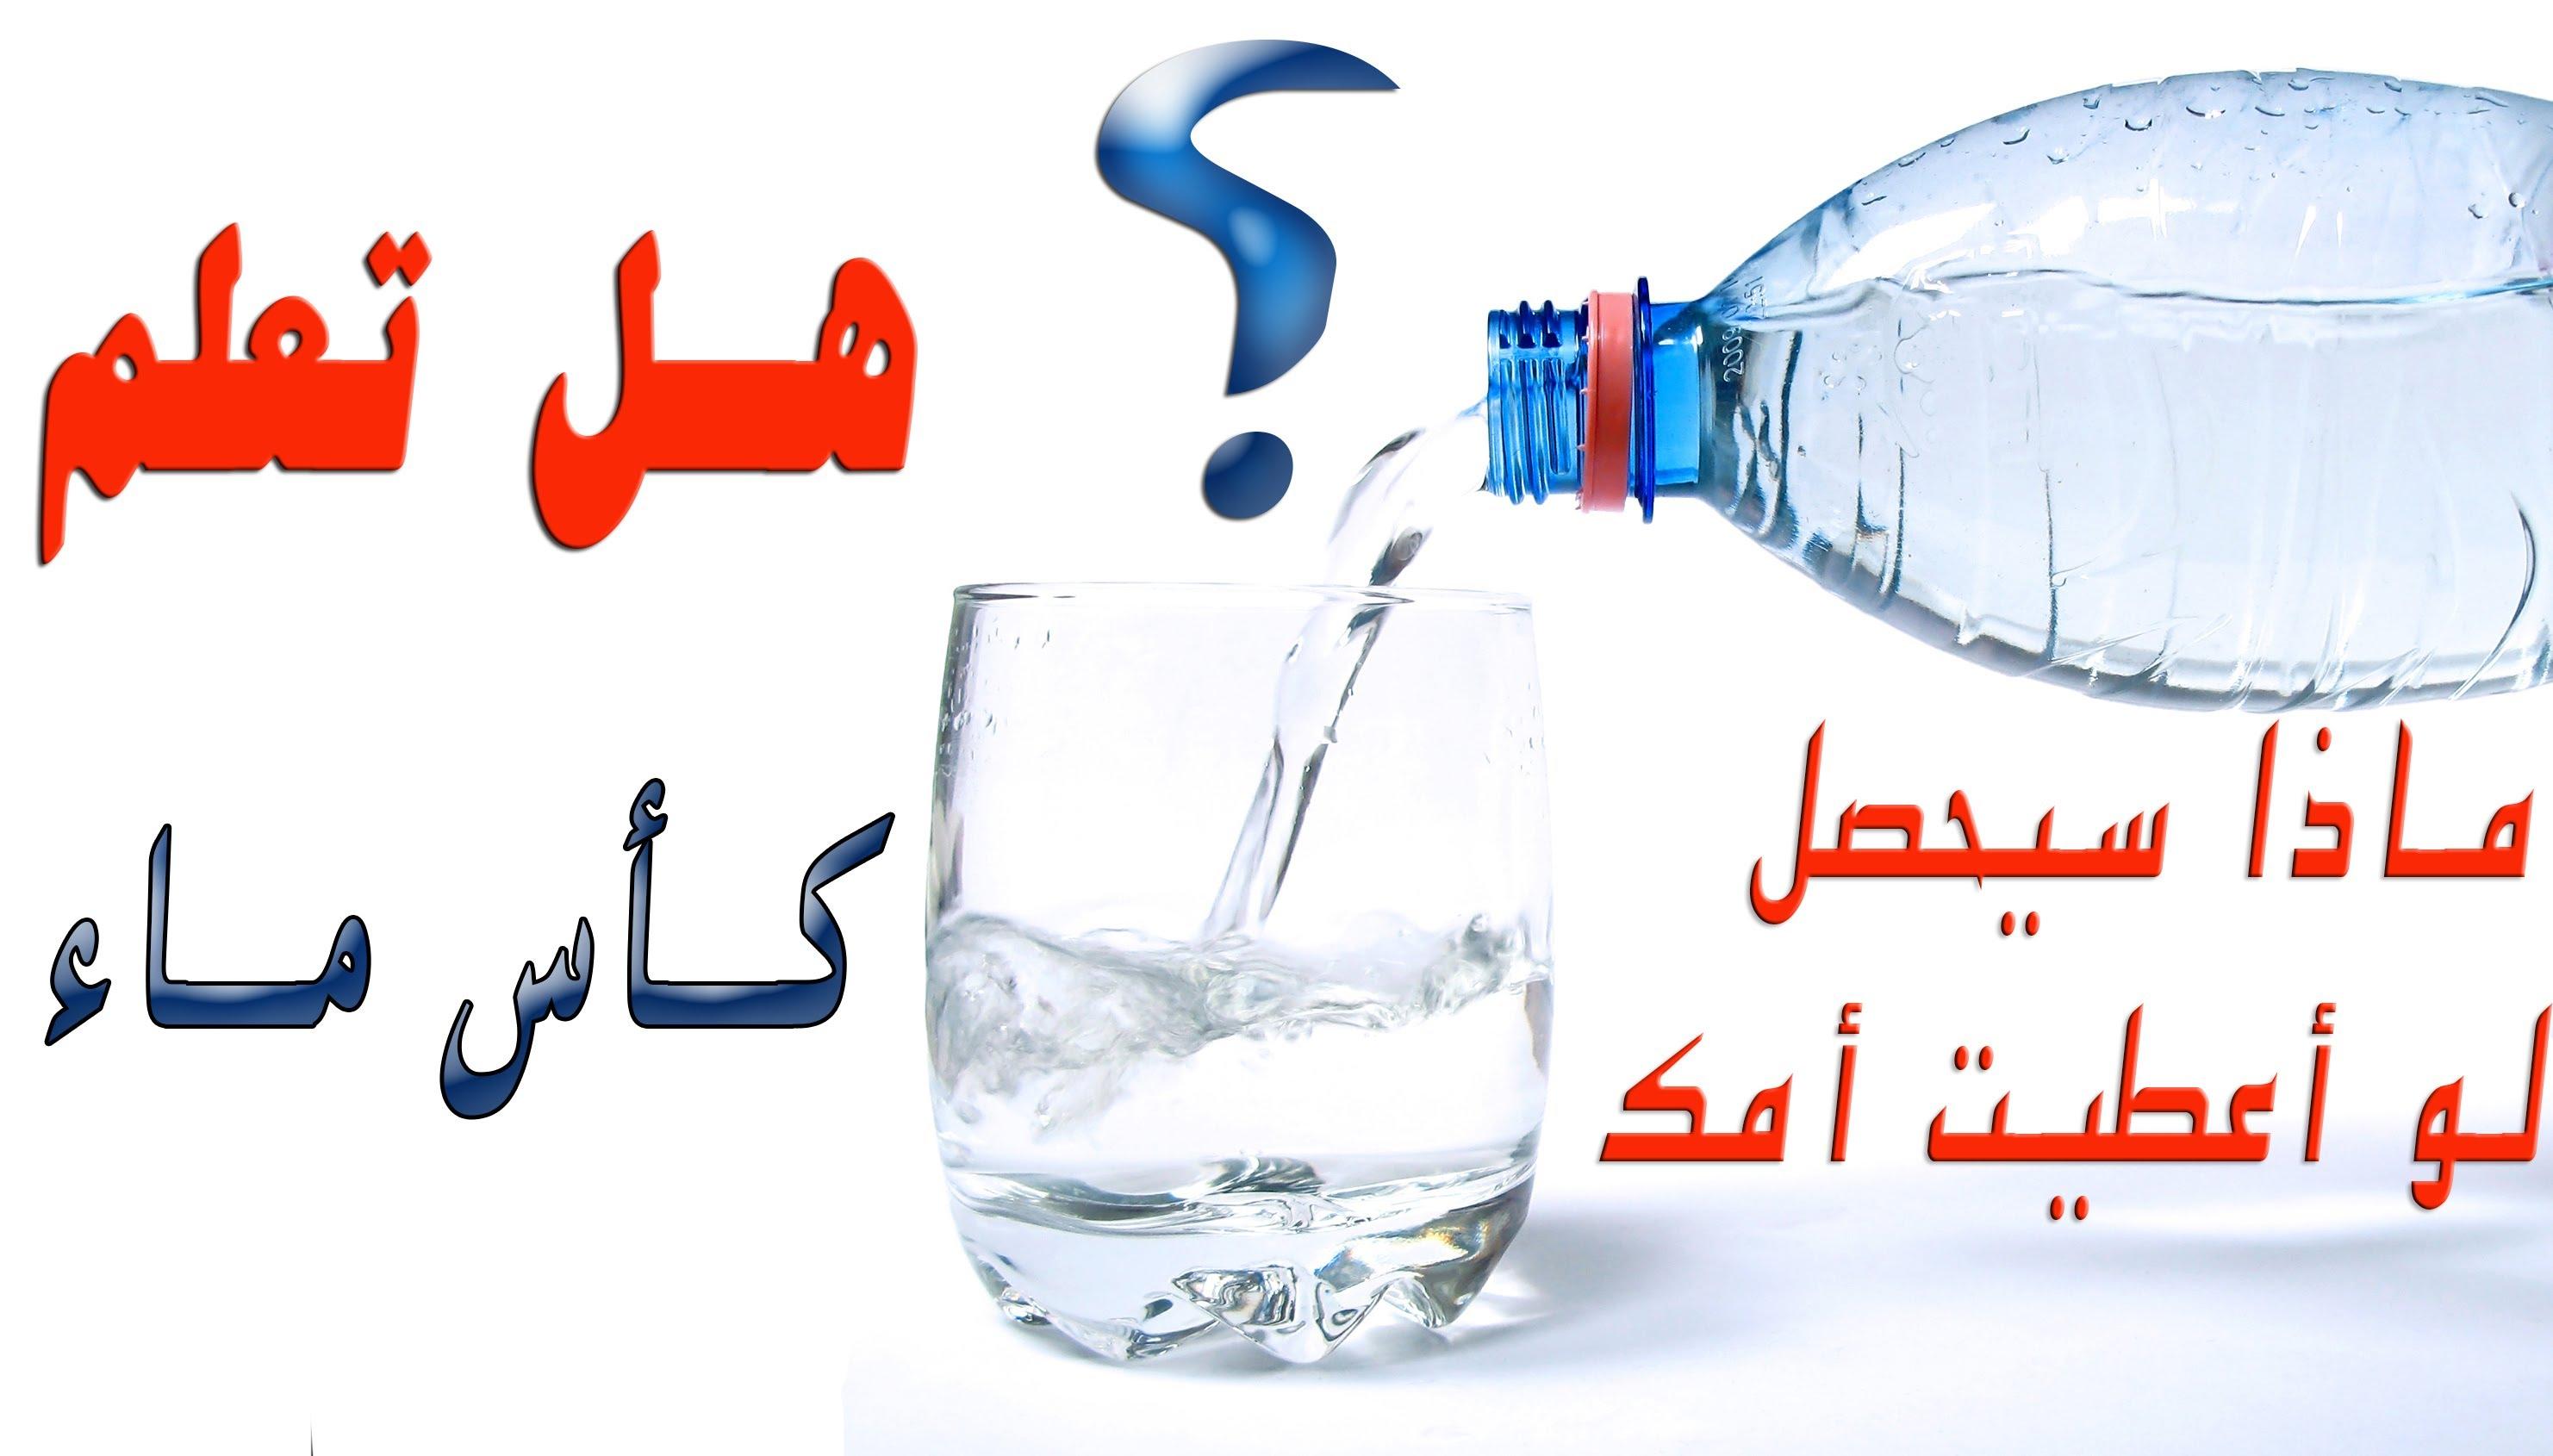 صور هل تعلم عن الماء , الماء نبع الحياة